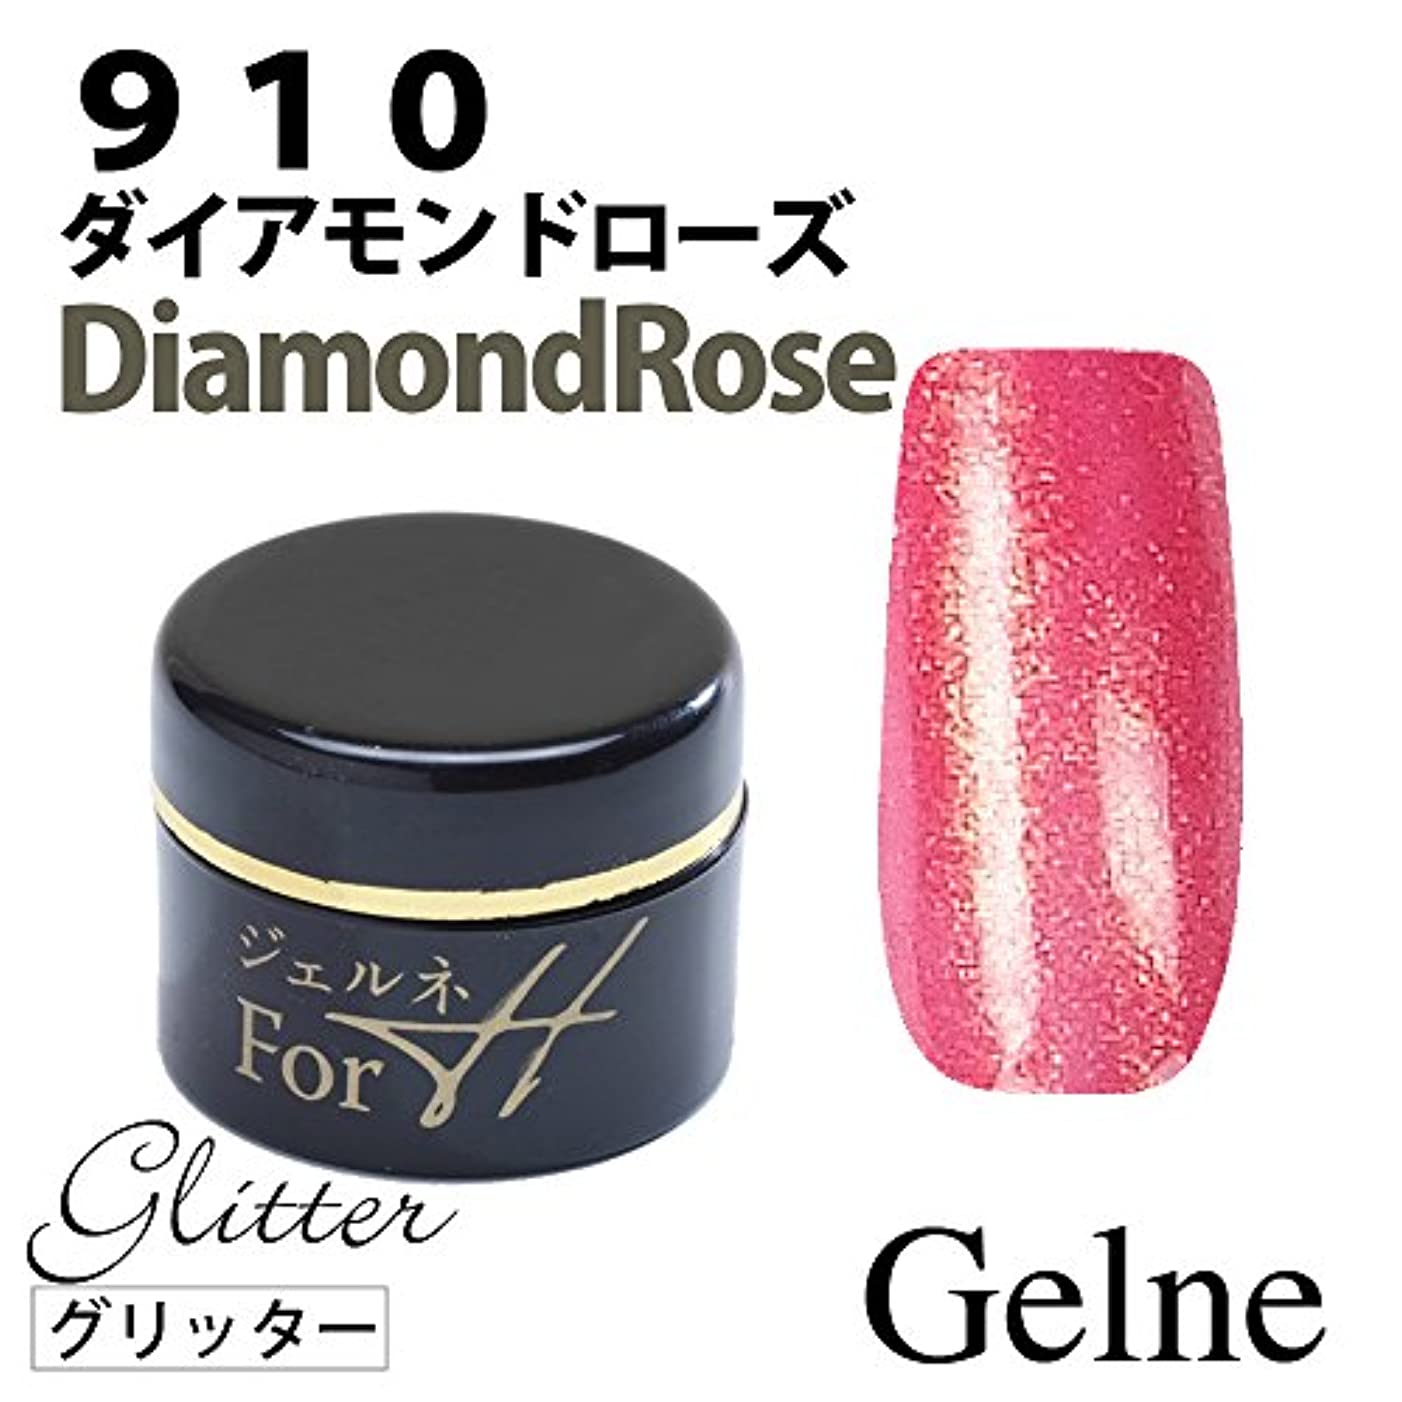 貴重な地獄要旨Gelneオリジナル ダイヤモンドローズ カラージェル 5g LED/UV対応 ソークオフジェル